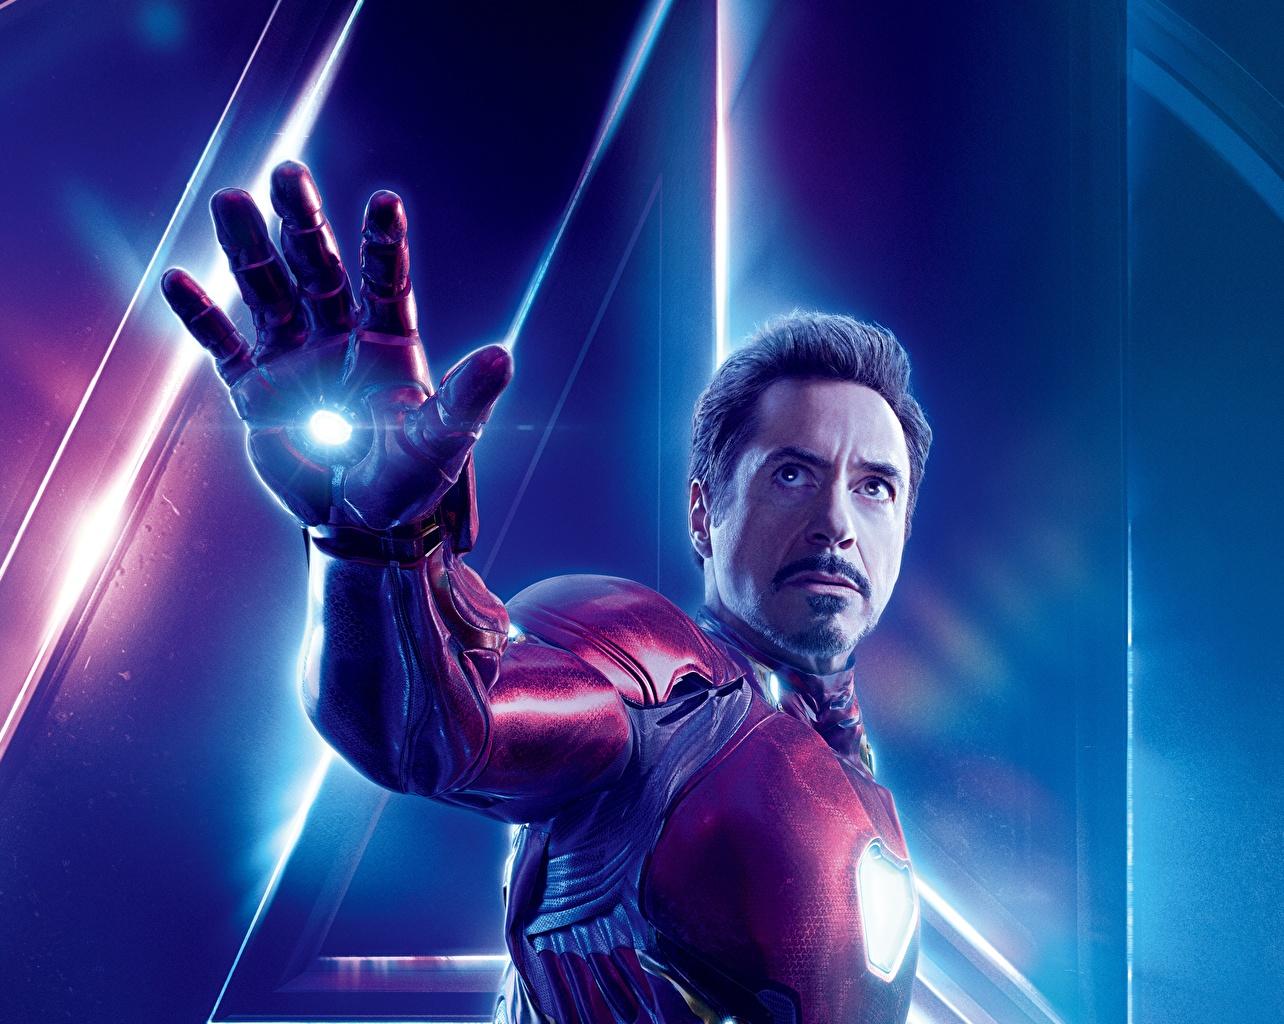 Картинка Мстители: Война бесконечности Роберт Дауни мл. Железный человек герой Мужчины кино рука Знаменитости Robert Downey Jr мужчина Фильмы Руки